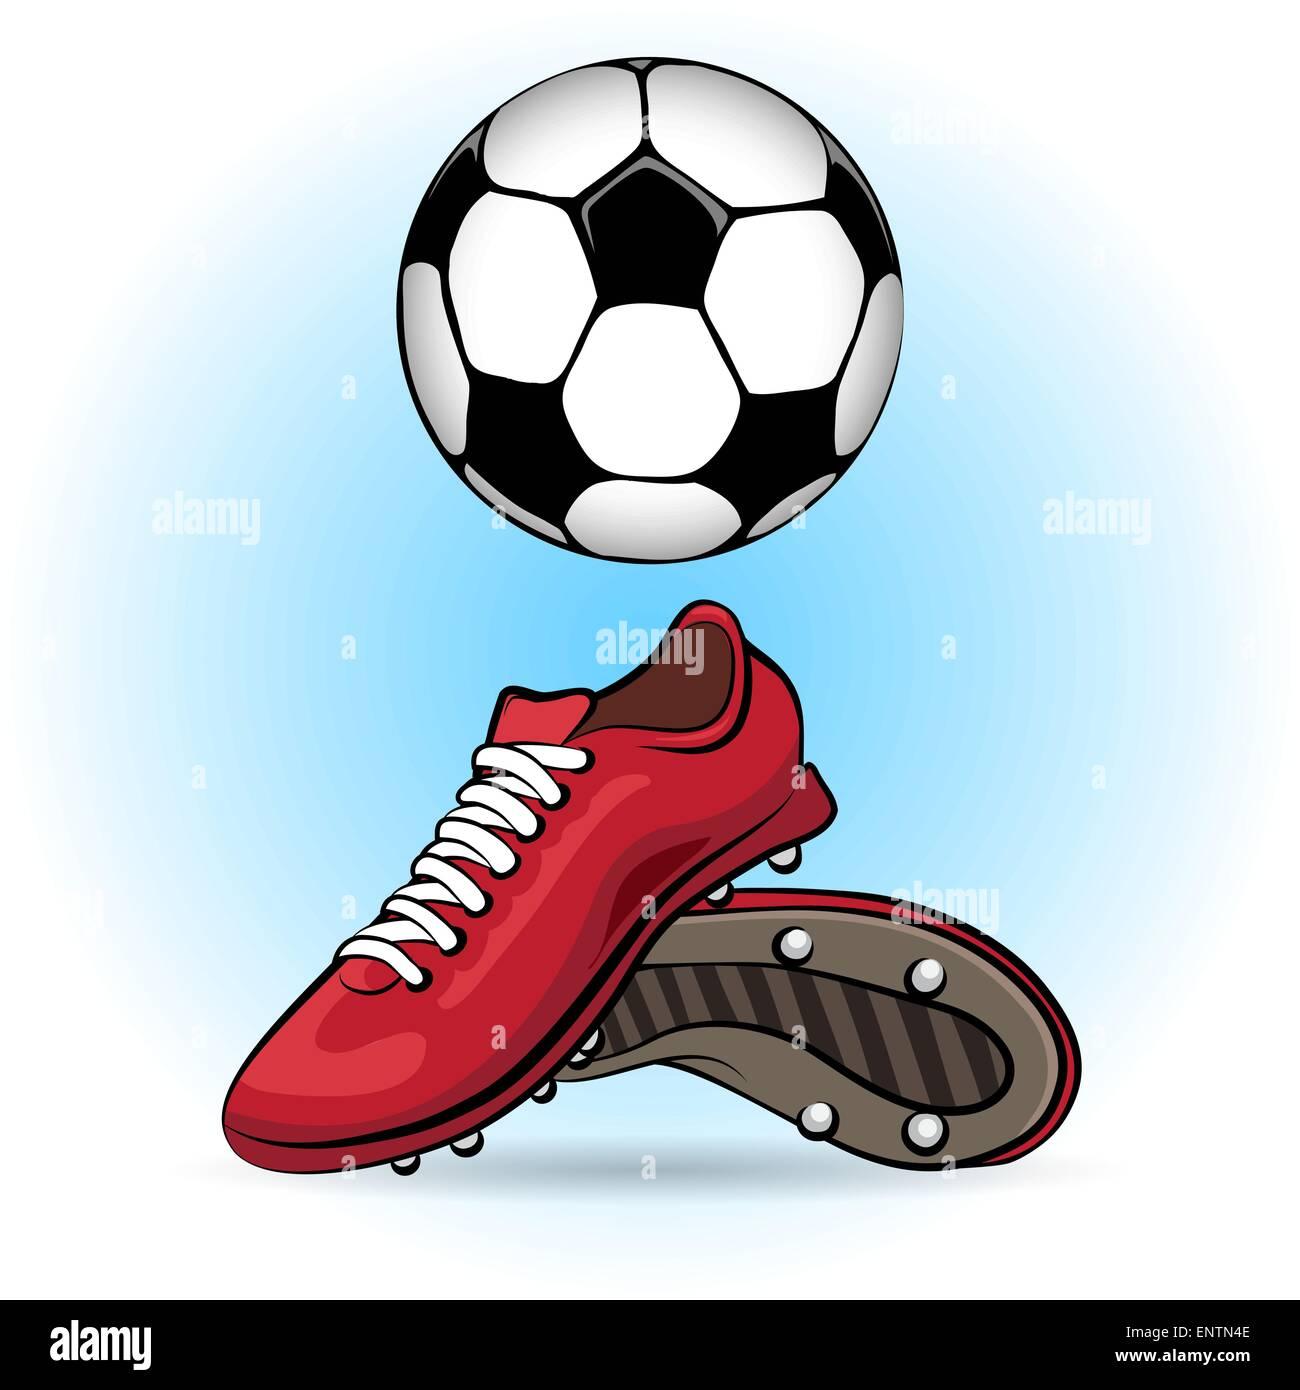 Sportliche Schuhe Und Fussball Im Cartoon Stil Gezeichnet